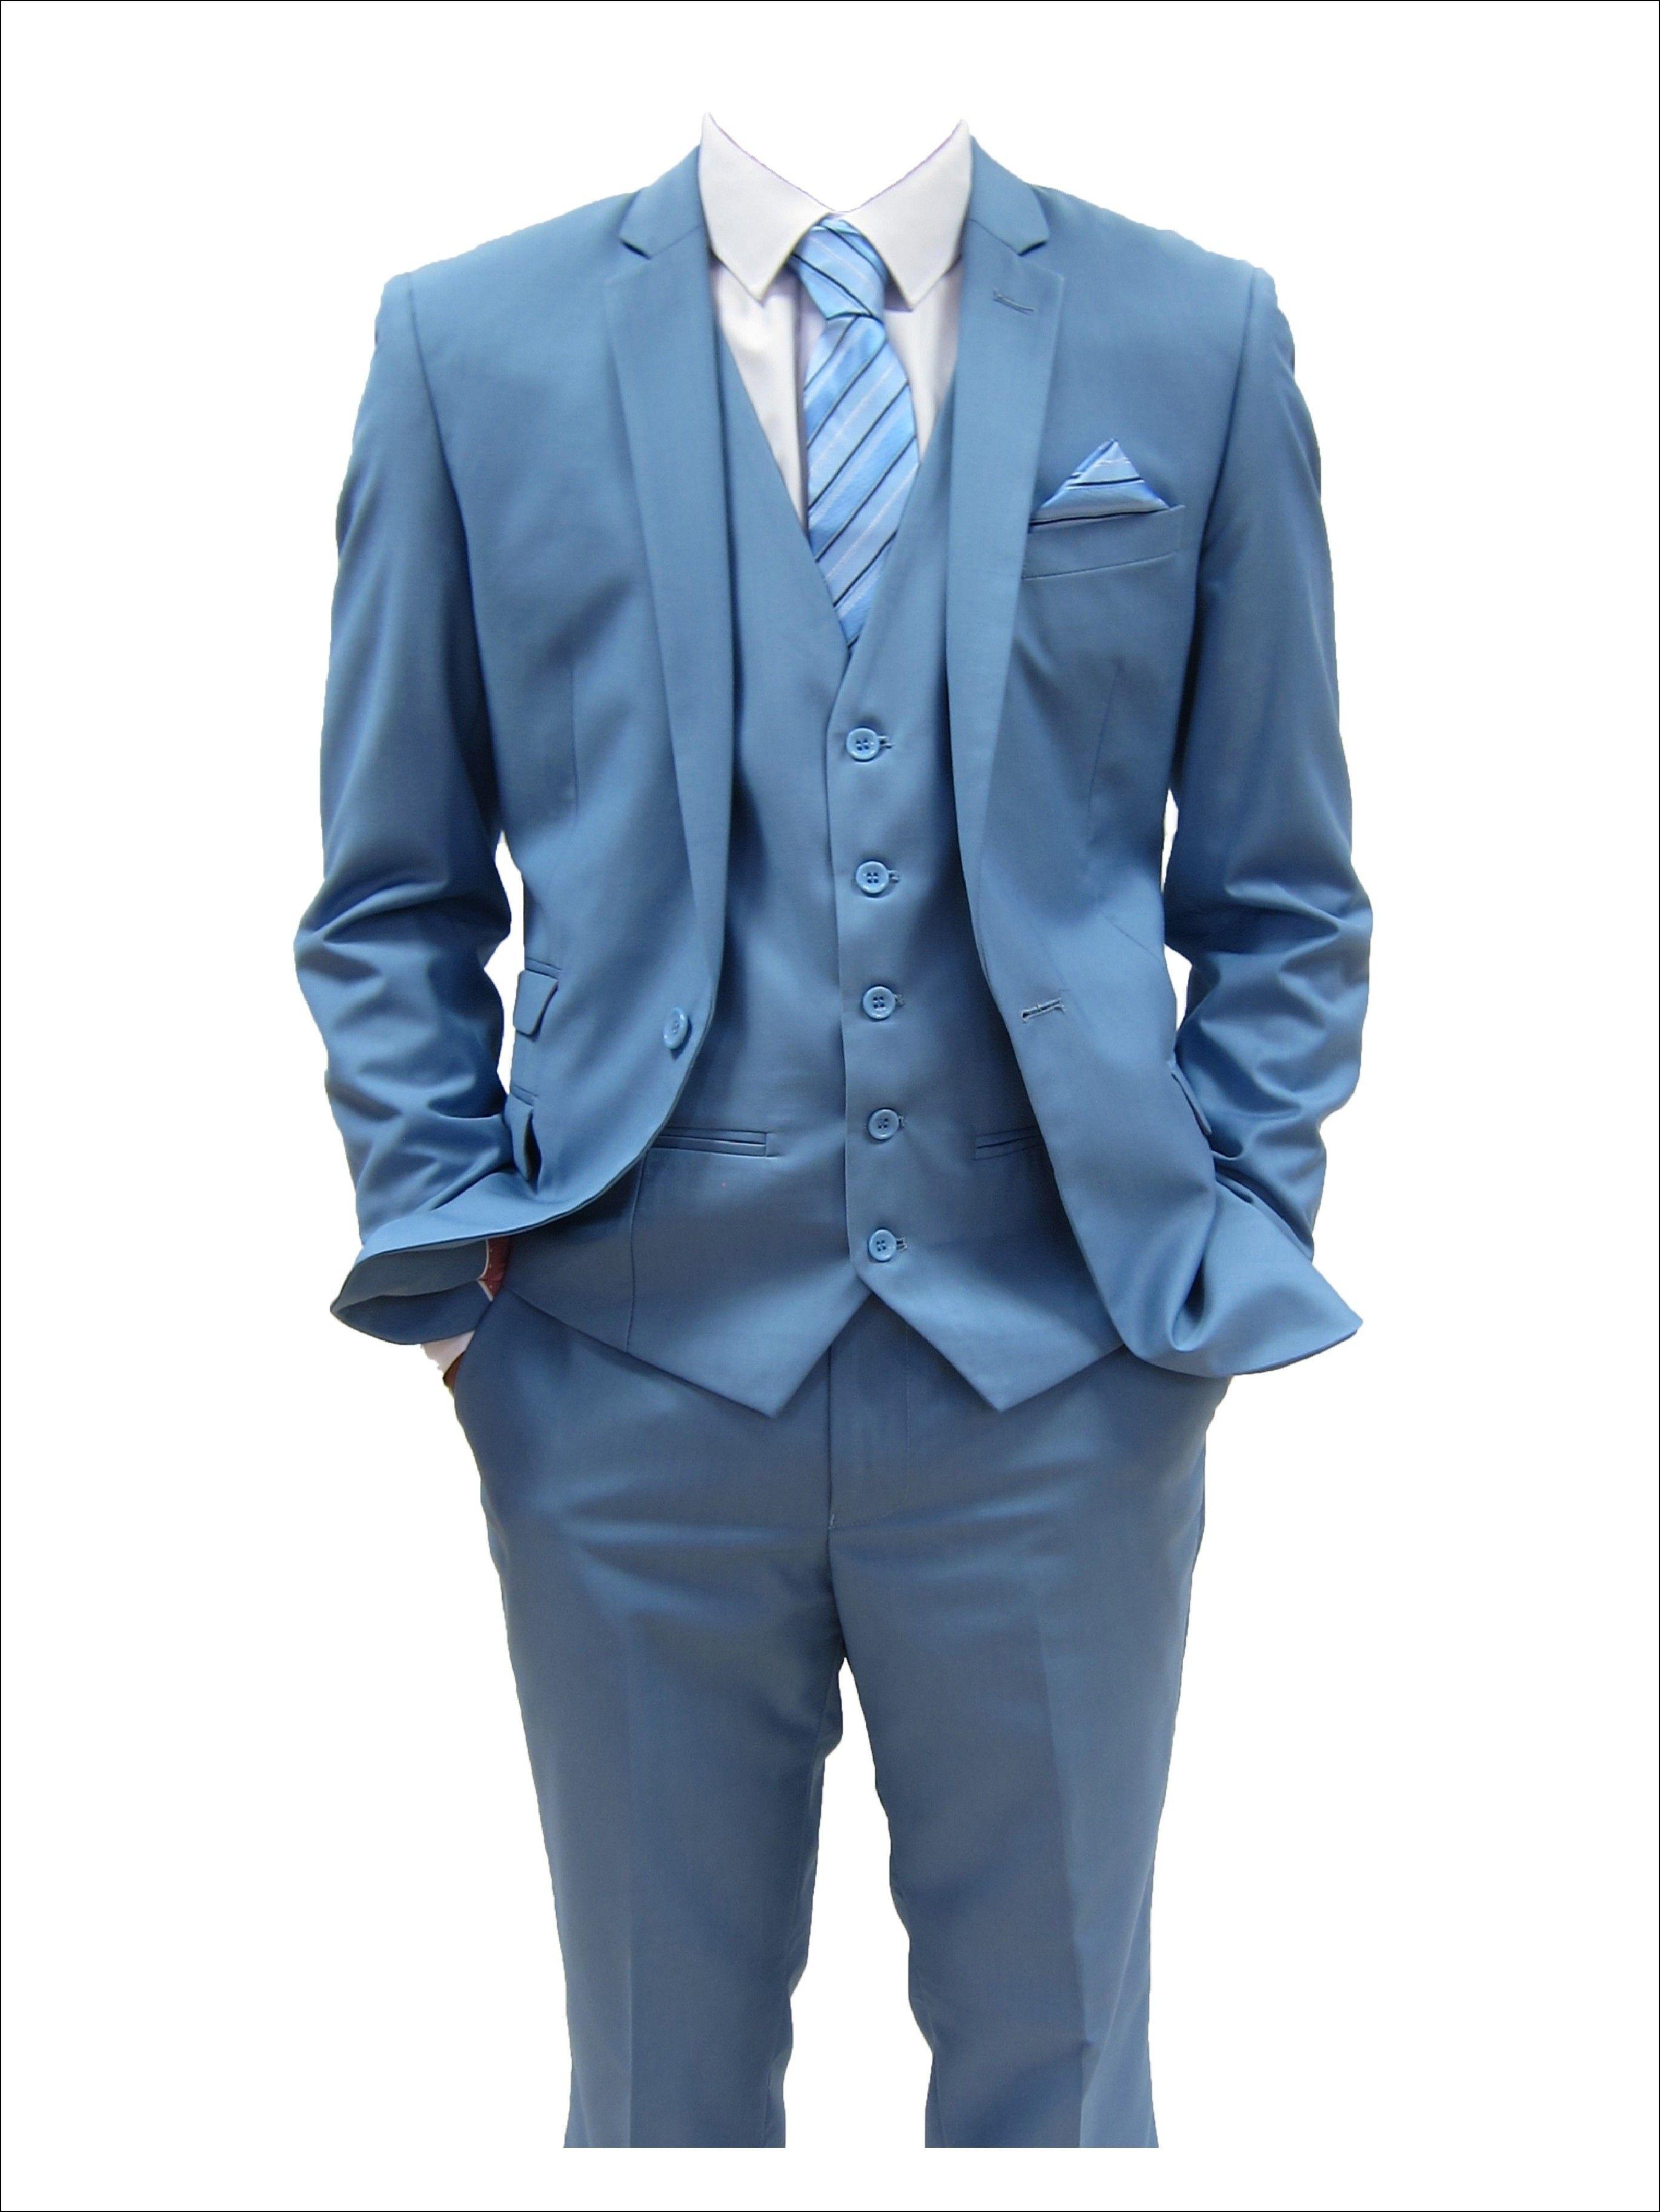 Sky Blue Suit Collection 3PCs | Men´s fashion | Pinterest